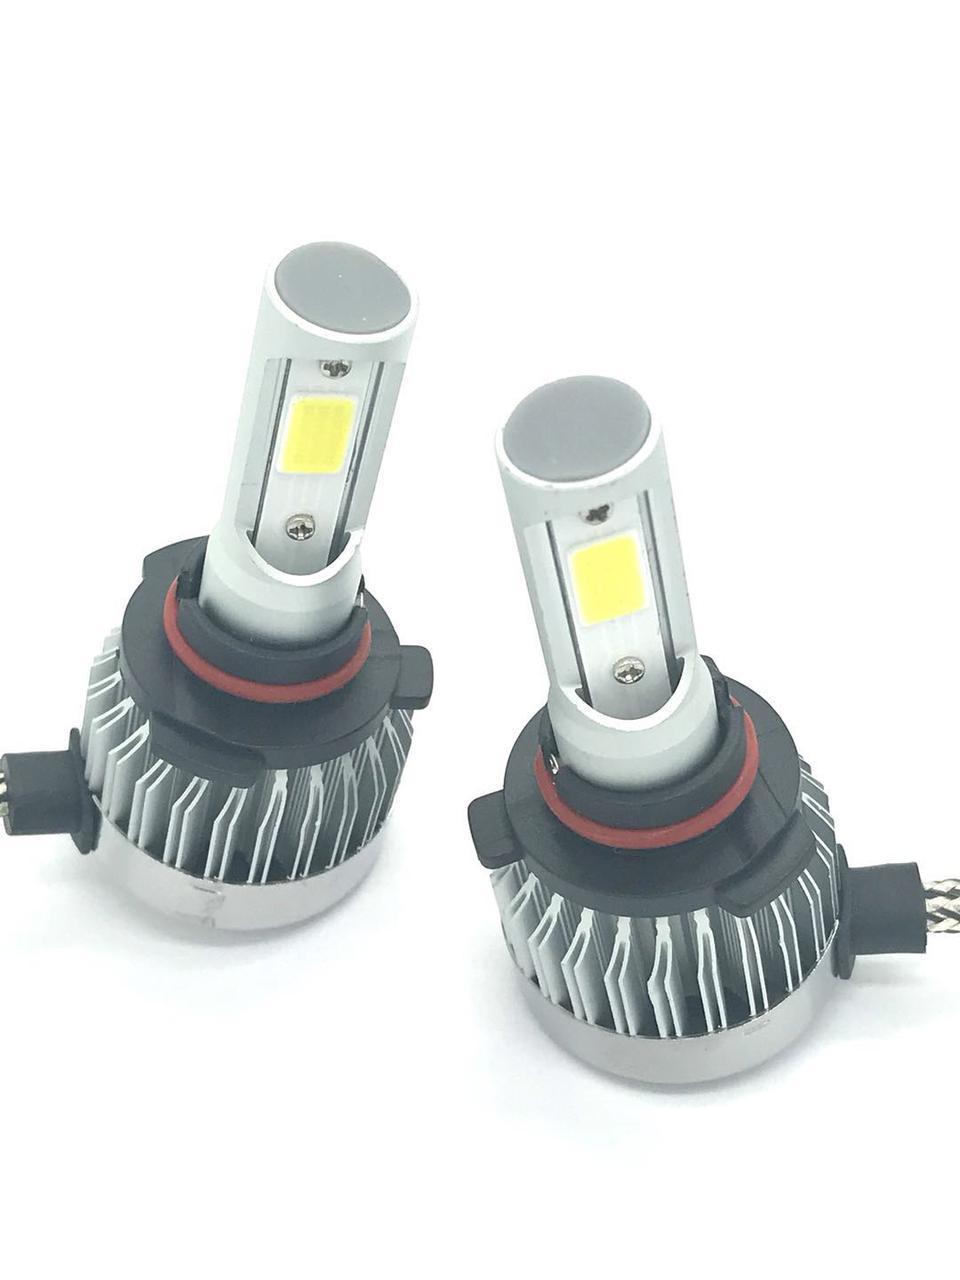 Светодиодная LED лампа головного света HB4 9006 Epistar C3 3200Lm 25Watt